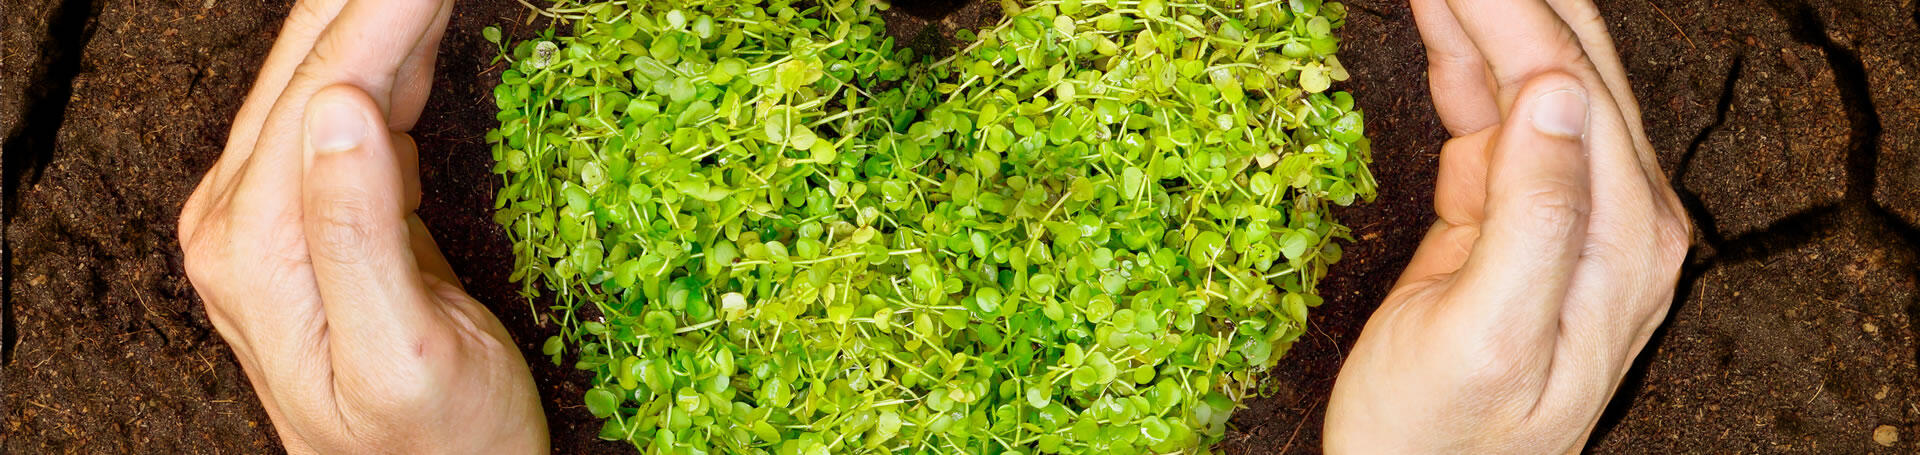 greenvillagecesenatico de leistugen-green 011